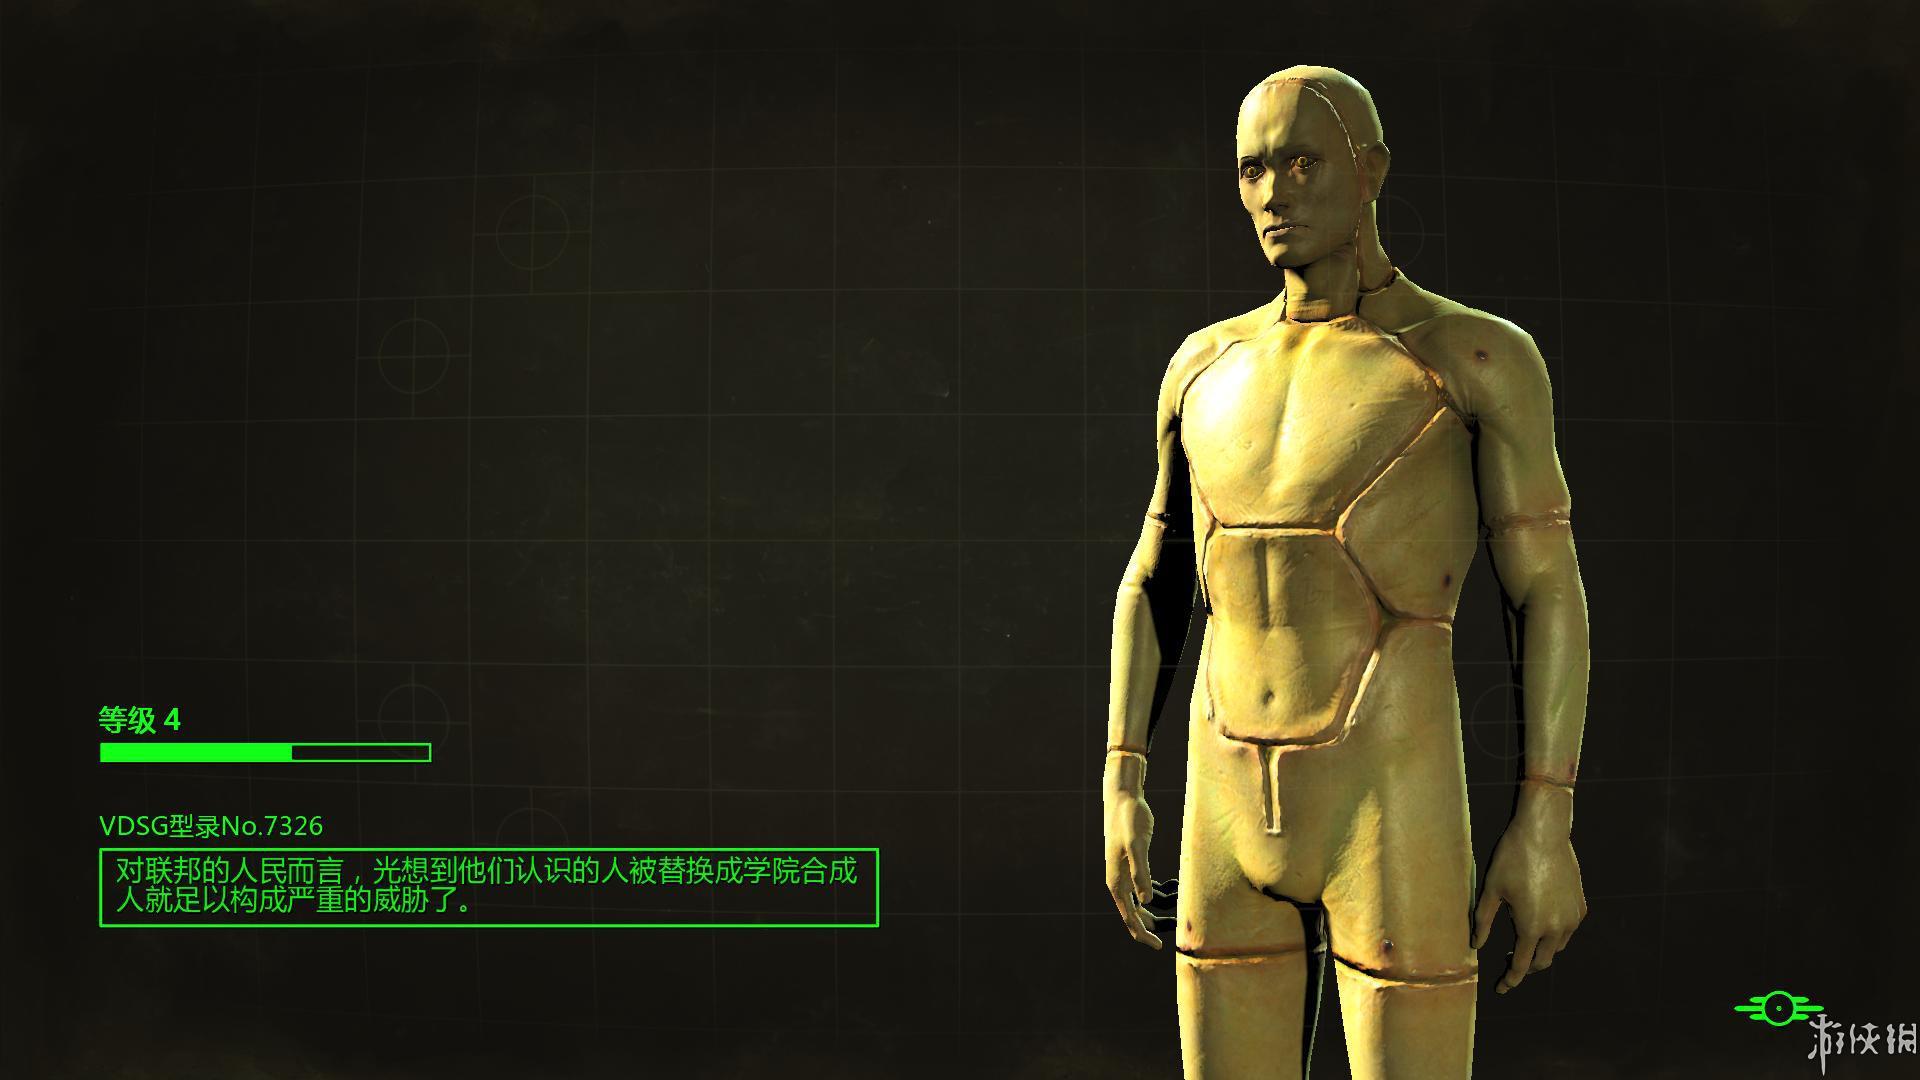 辐射4/Fallout 4/3/2/1/辐射避难所/新维加斯/钢铁兄弟会[新版v1.10]